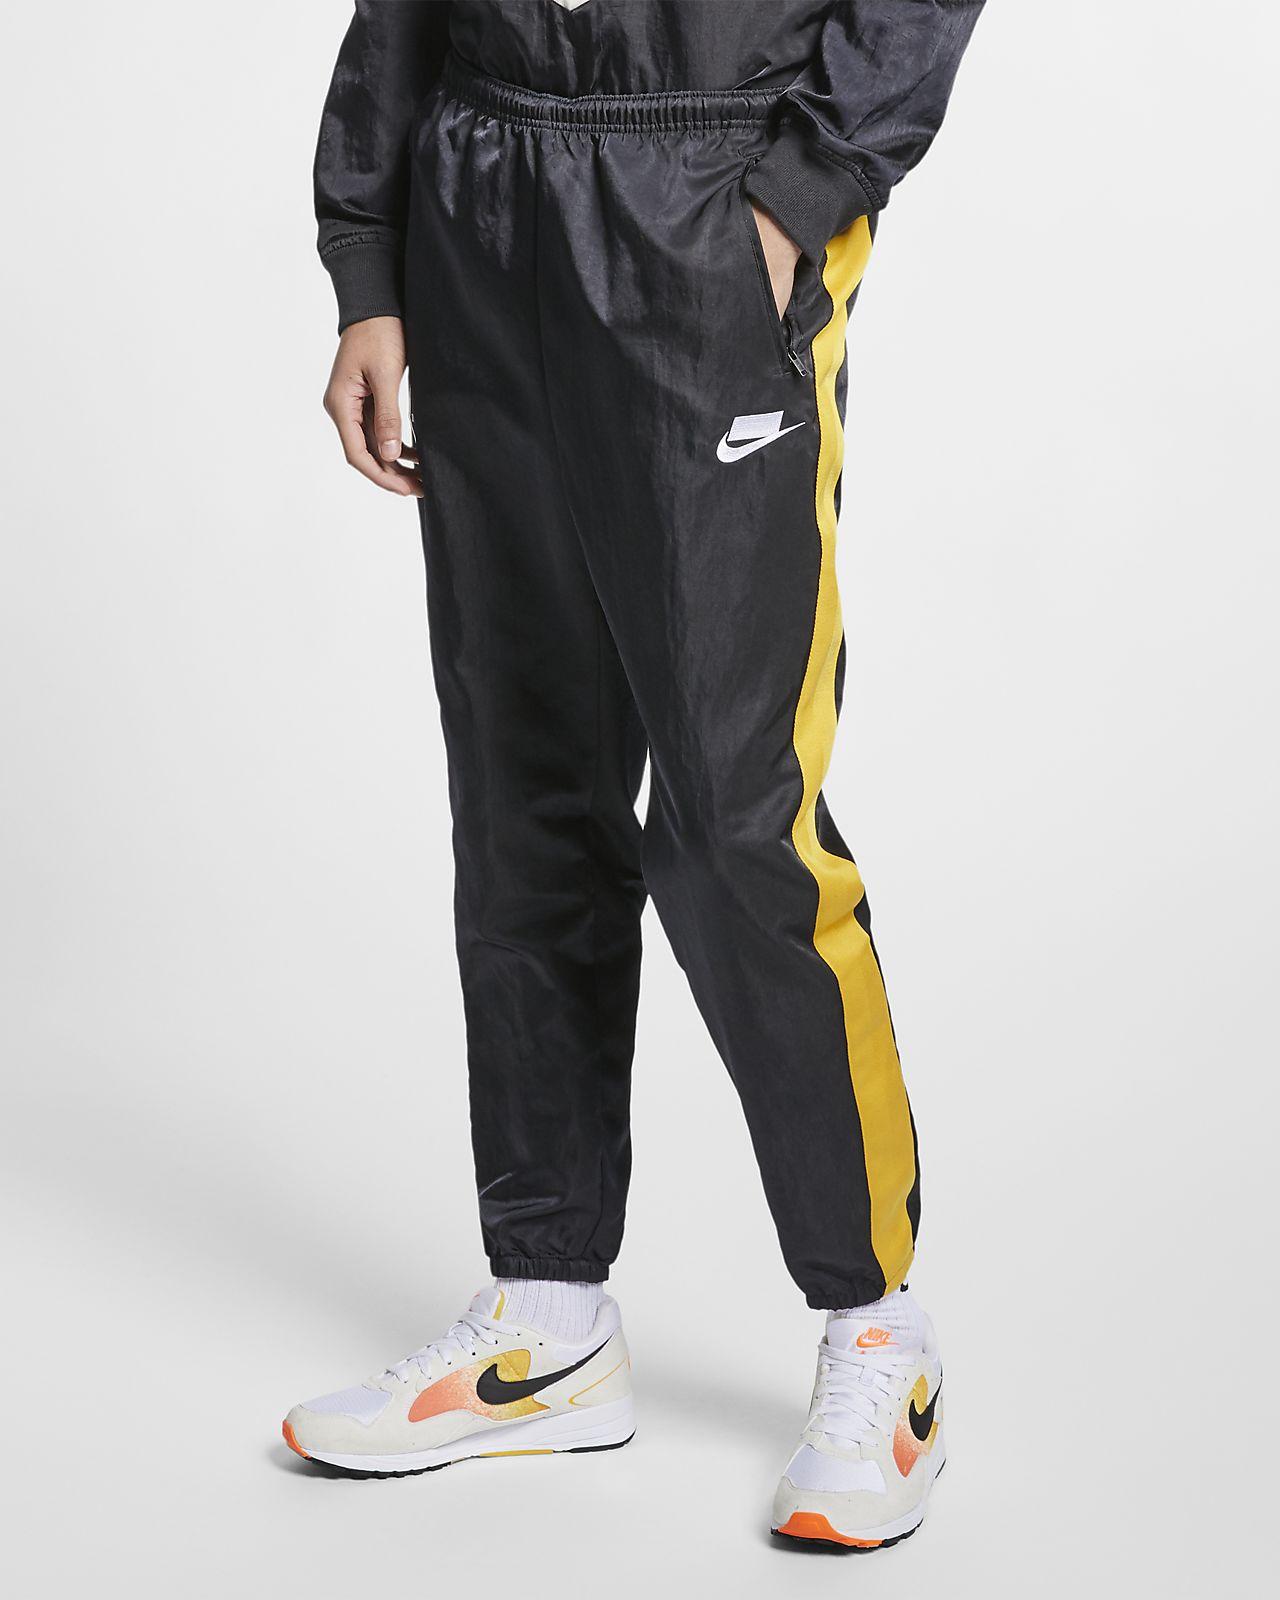 ナイキ スポーツウェア NSW メンズ ウーブン パンツ